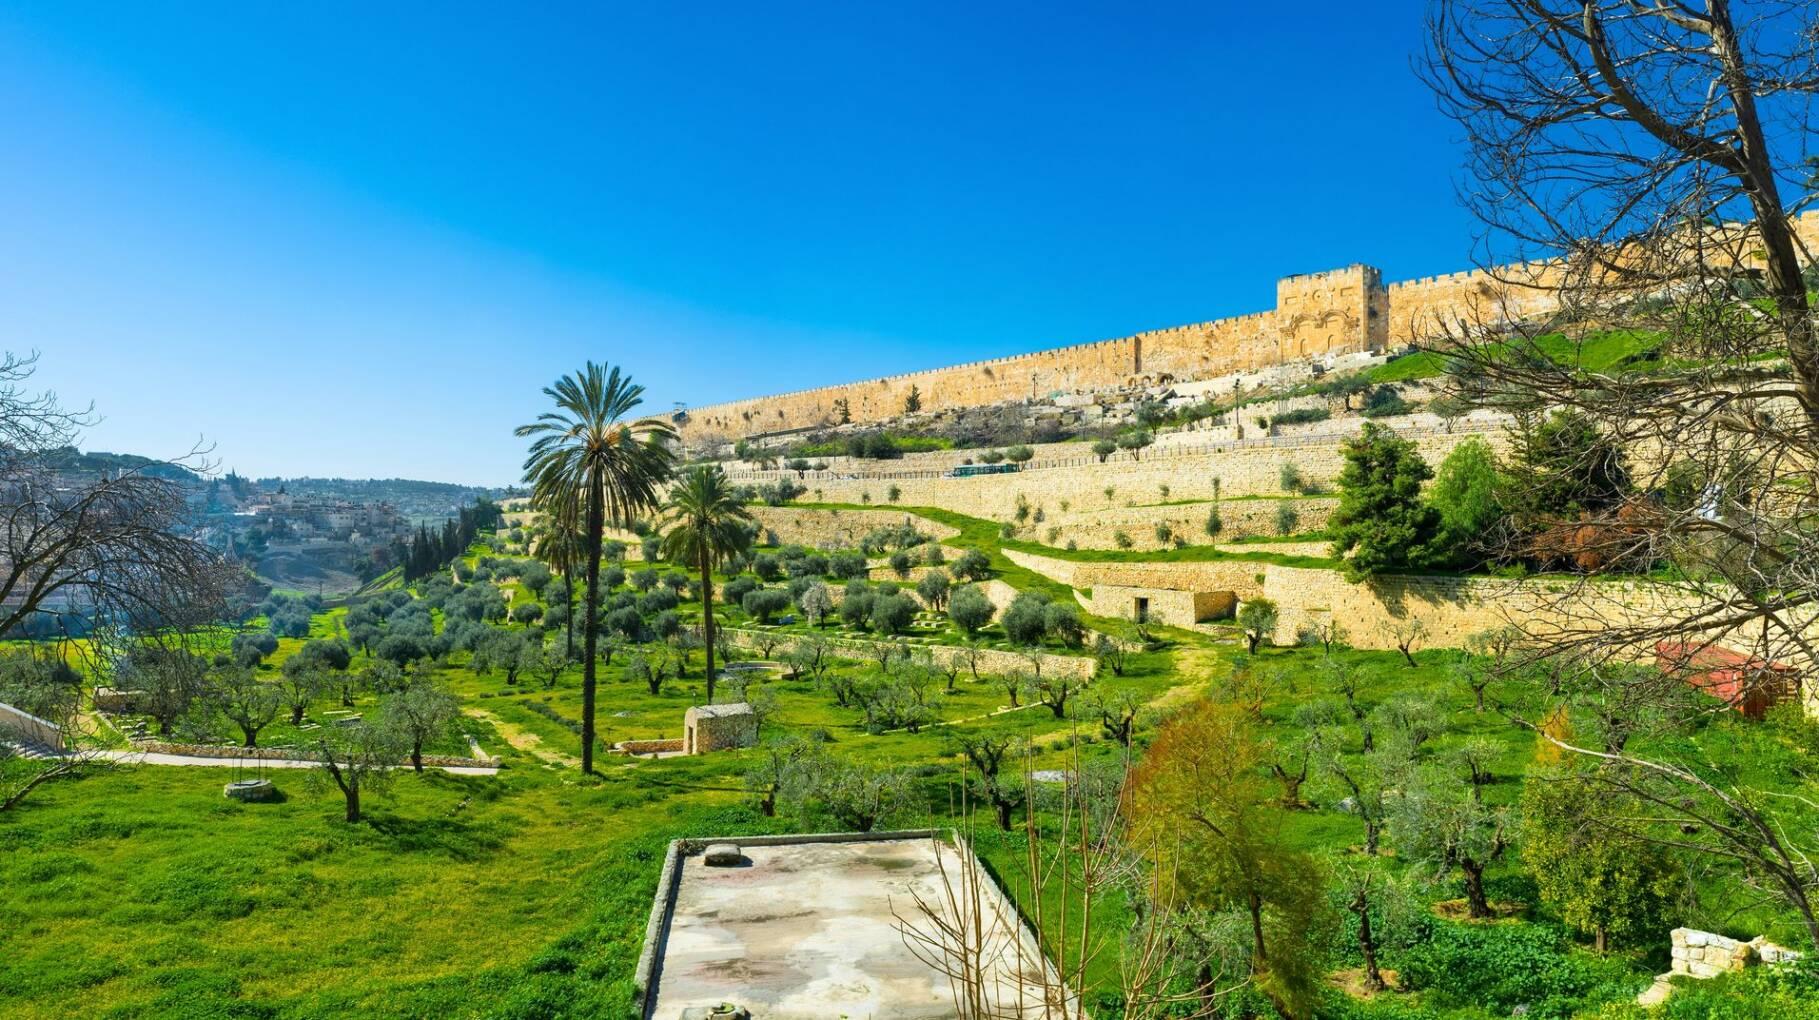 Israël, in het spoor van de Verspieders - Israel - 1